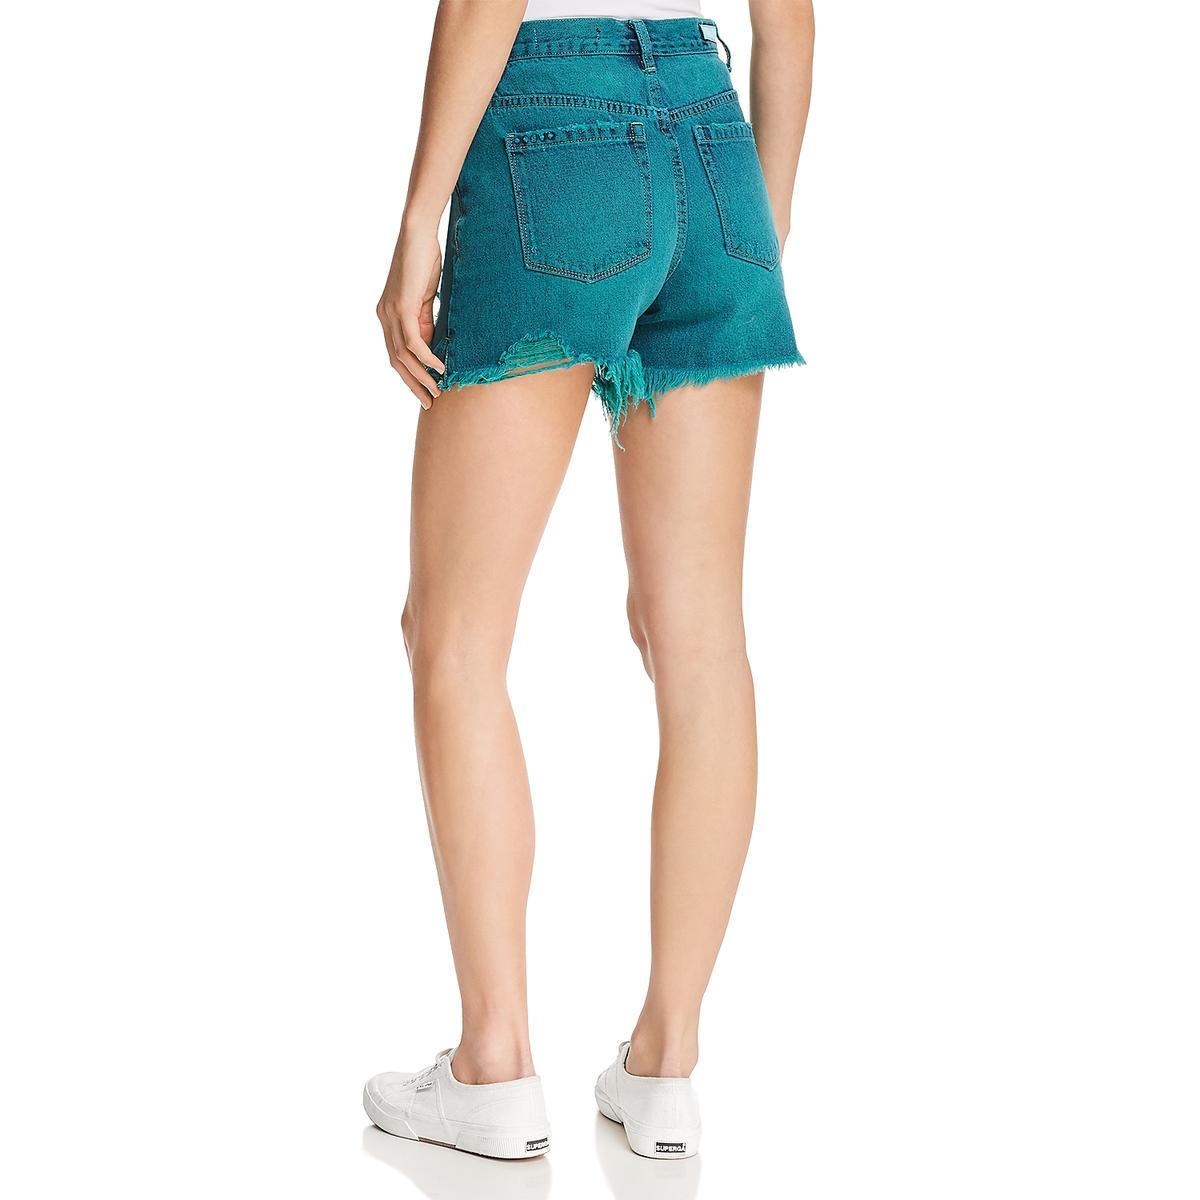 Blank NYC Womens Denim Cutoff Midi High-Waist Shorts BHFO 1681